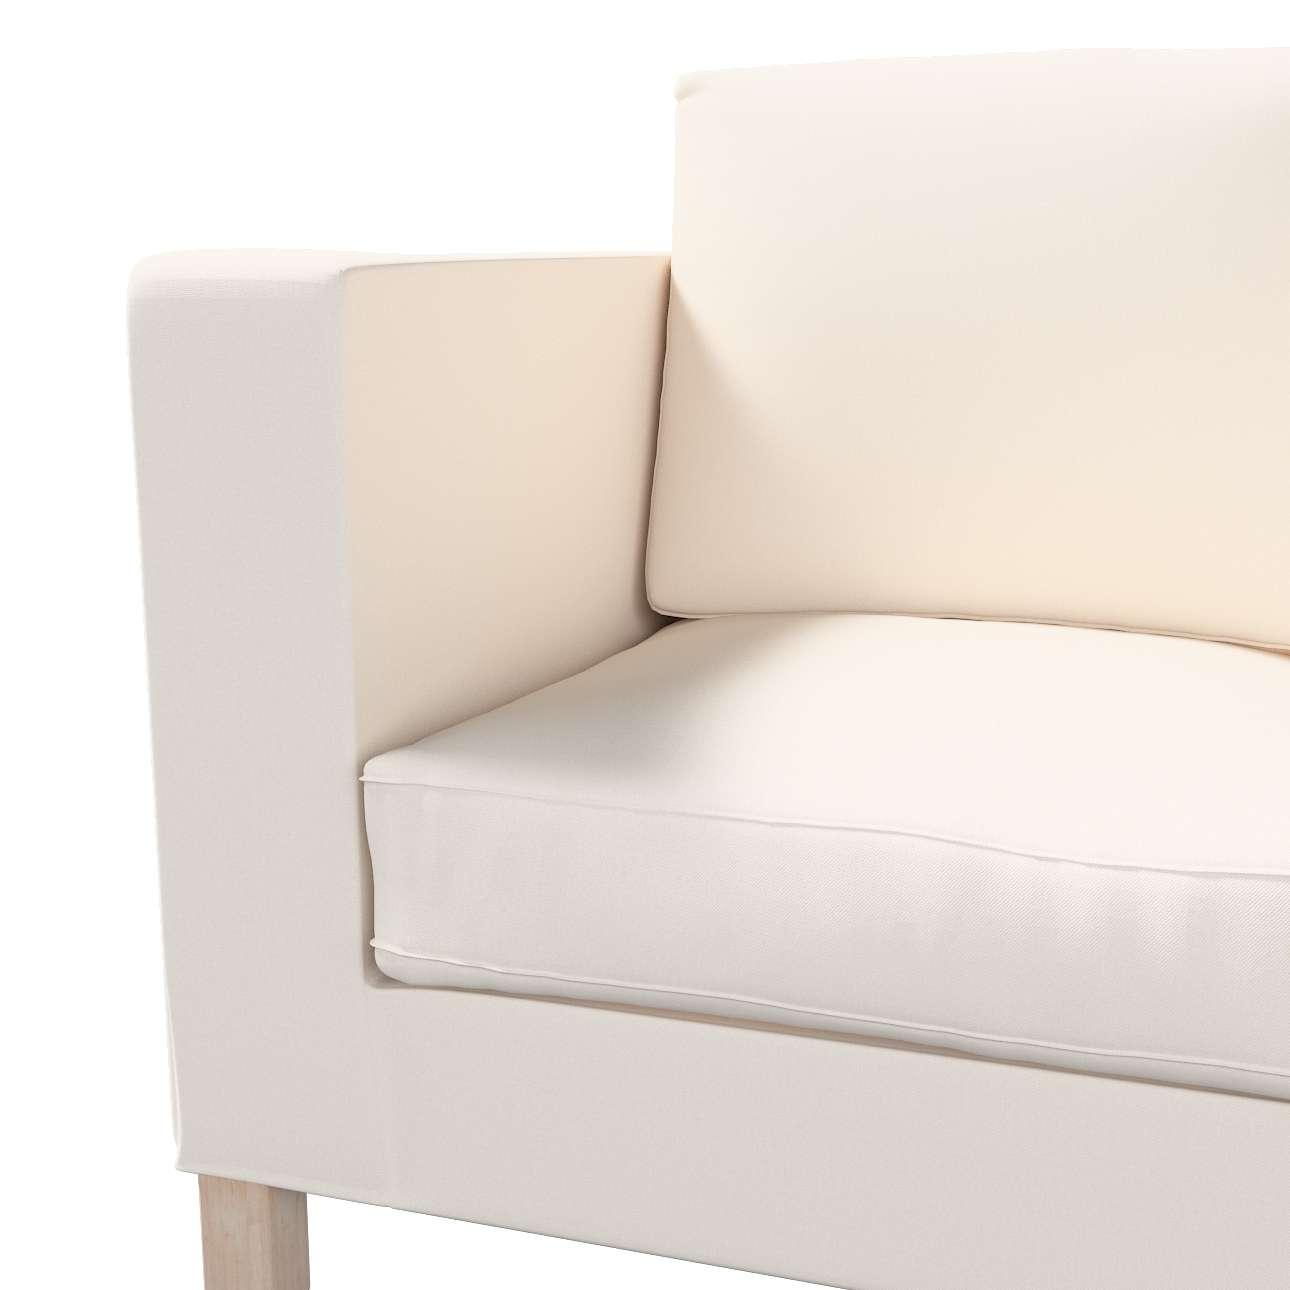 Pokrowiec na sofę Karlanda 2-osobową nierozkładaną, krótki w kolekcji Etna, tkanina: 705-01